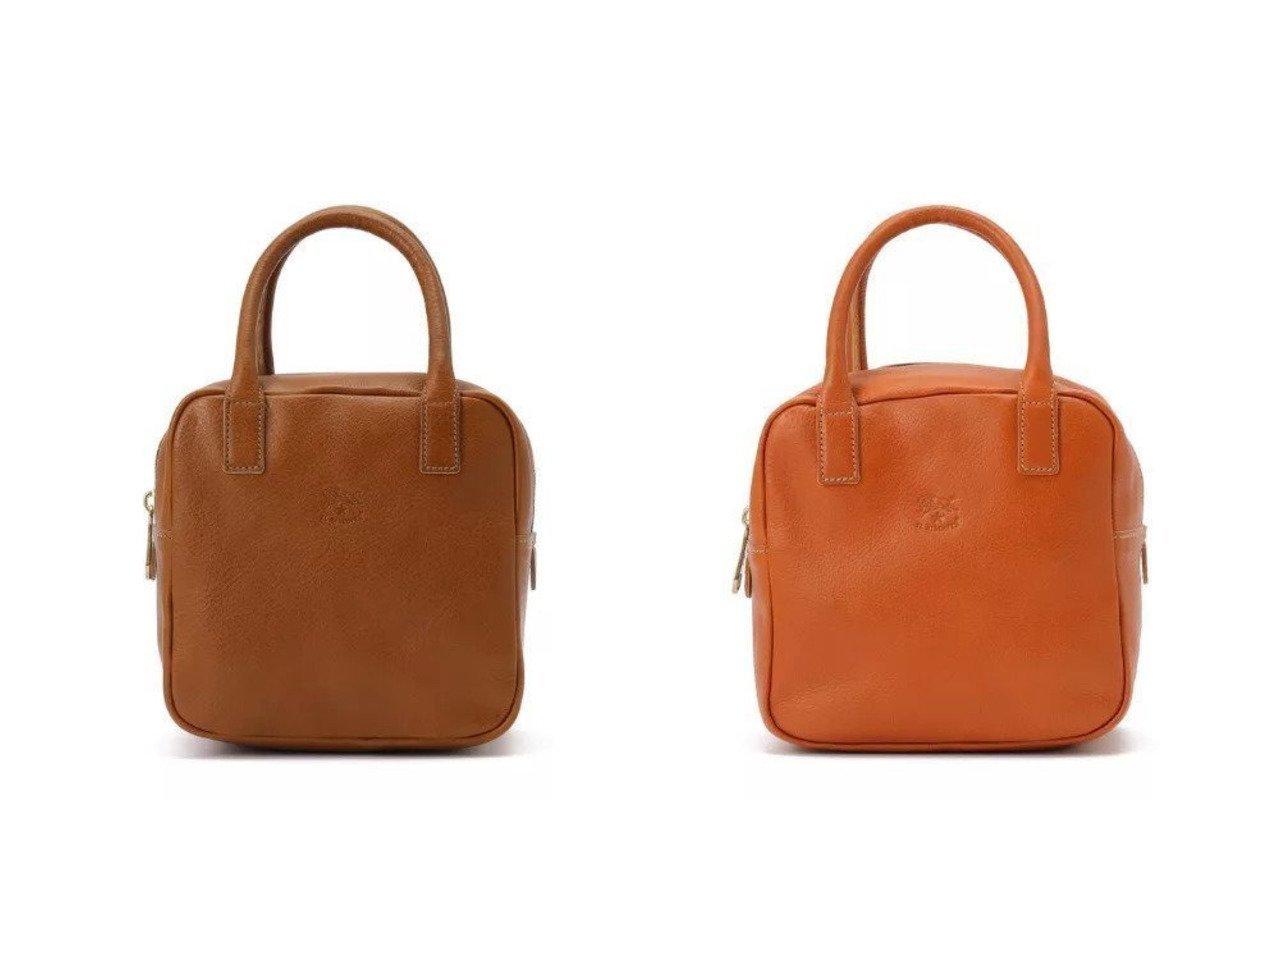 【IL BISONTE/イル ビゾンテ】のハンドバッグ 【バッグ・鞄】おすすめ!人気、トレンド・レディースファッションの通販 おすすめで人気の流行・トレンド、ファッションの通販商品 インテリア・家具・メンズファッション・キッズファッション・レディースファッション・服の通販 founy(ファニー) https://founy.com/ ファッション Fashion レディースファッション WOMEN バッグ Bag ジップ スクエア ハンドバッグ フォルム フロント ワンポイント  ID:crp329100000065097